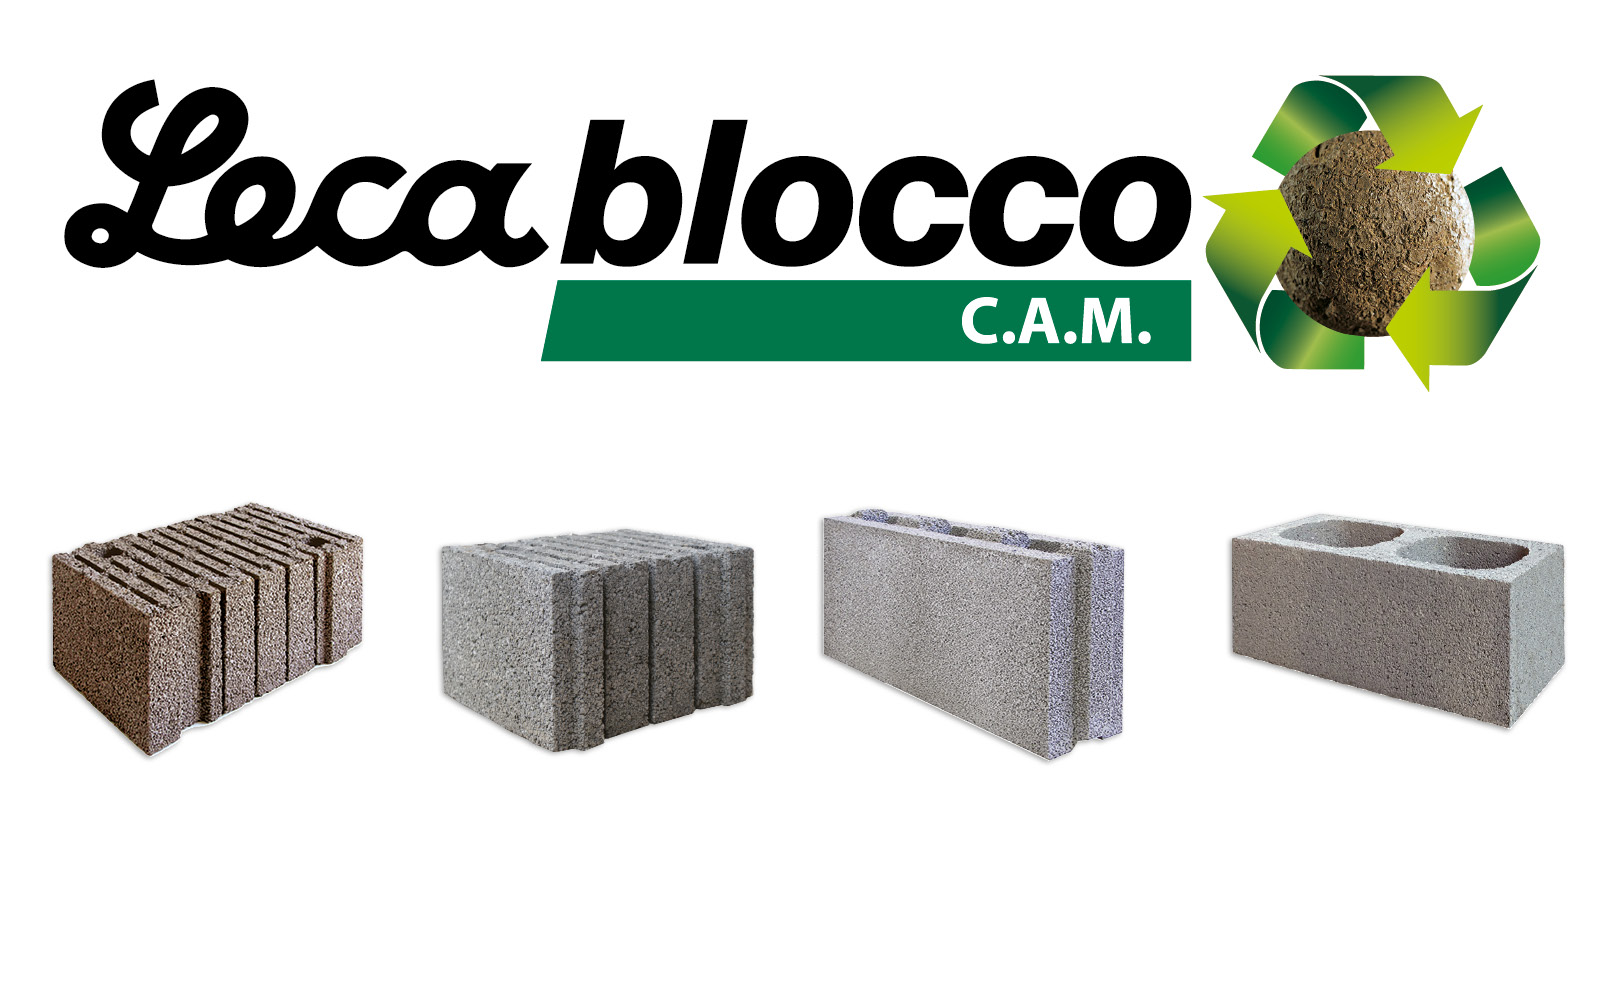 Metrocubo115-lecablocco CAM